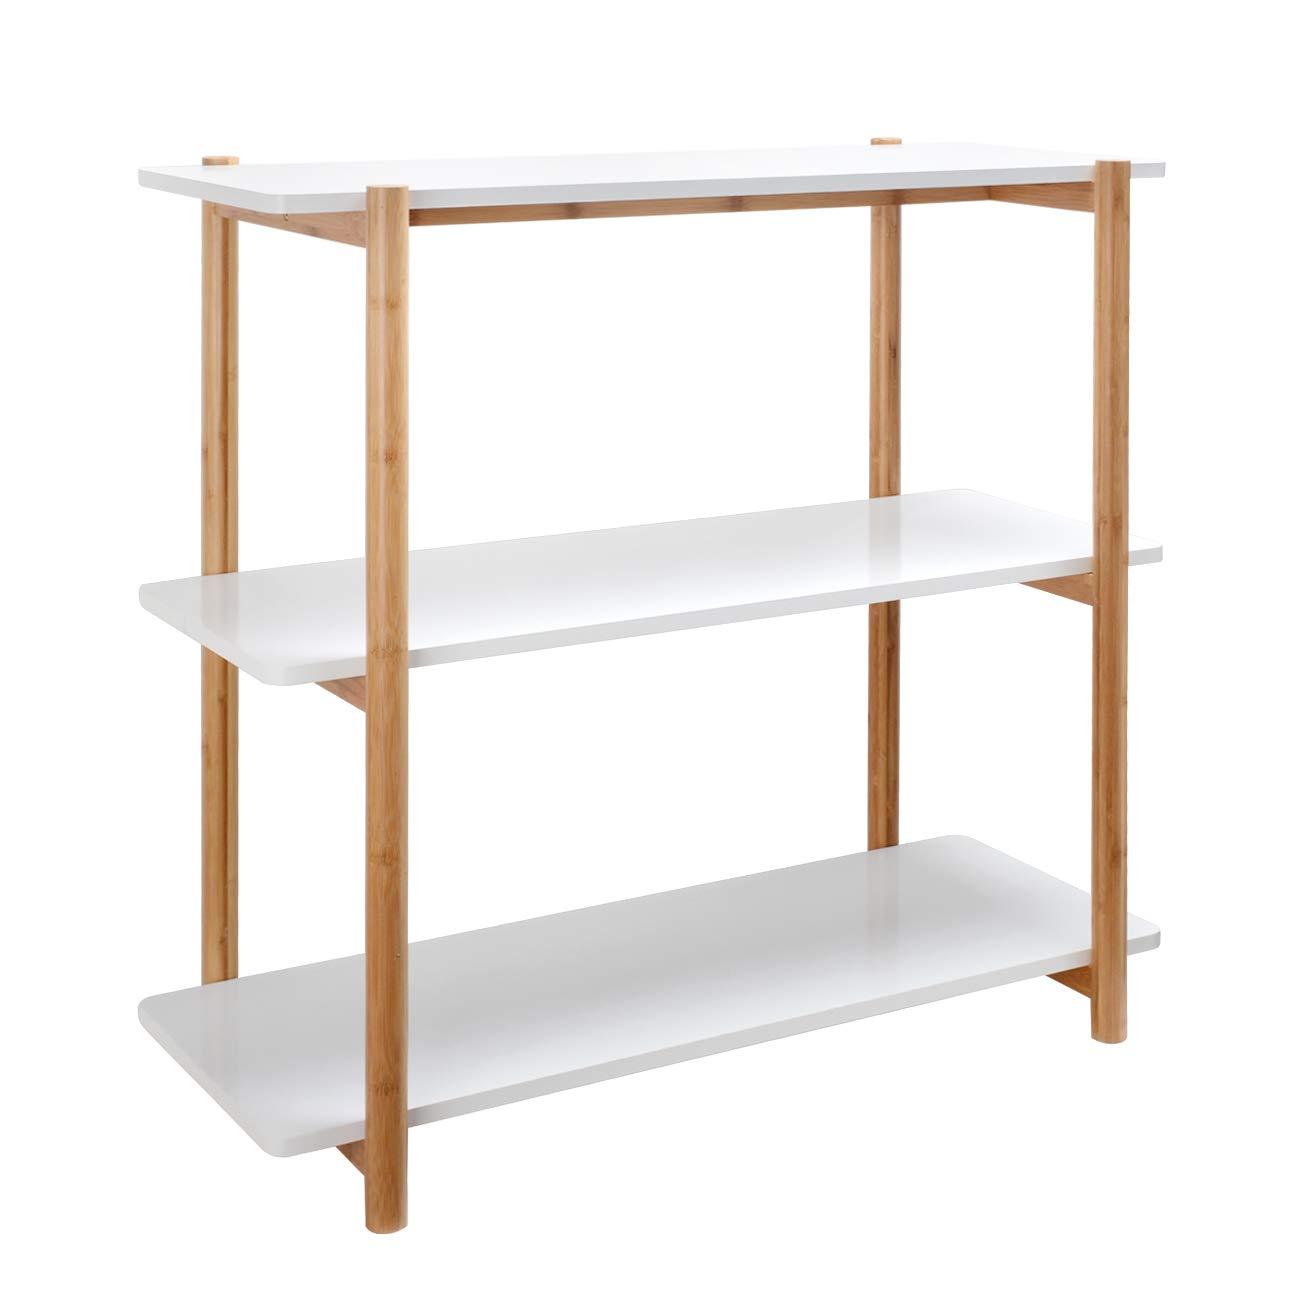 ZRI Bamboo Regal Standregal Wandregal Küchenregal Bücherregal mit 3 Ablagen - Allzweckregal Holz 80x36,5x80cm für Büro Küche Wohnzimmer, Weiß (Weiss, 80cm)